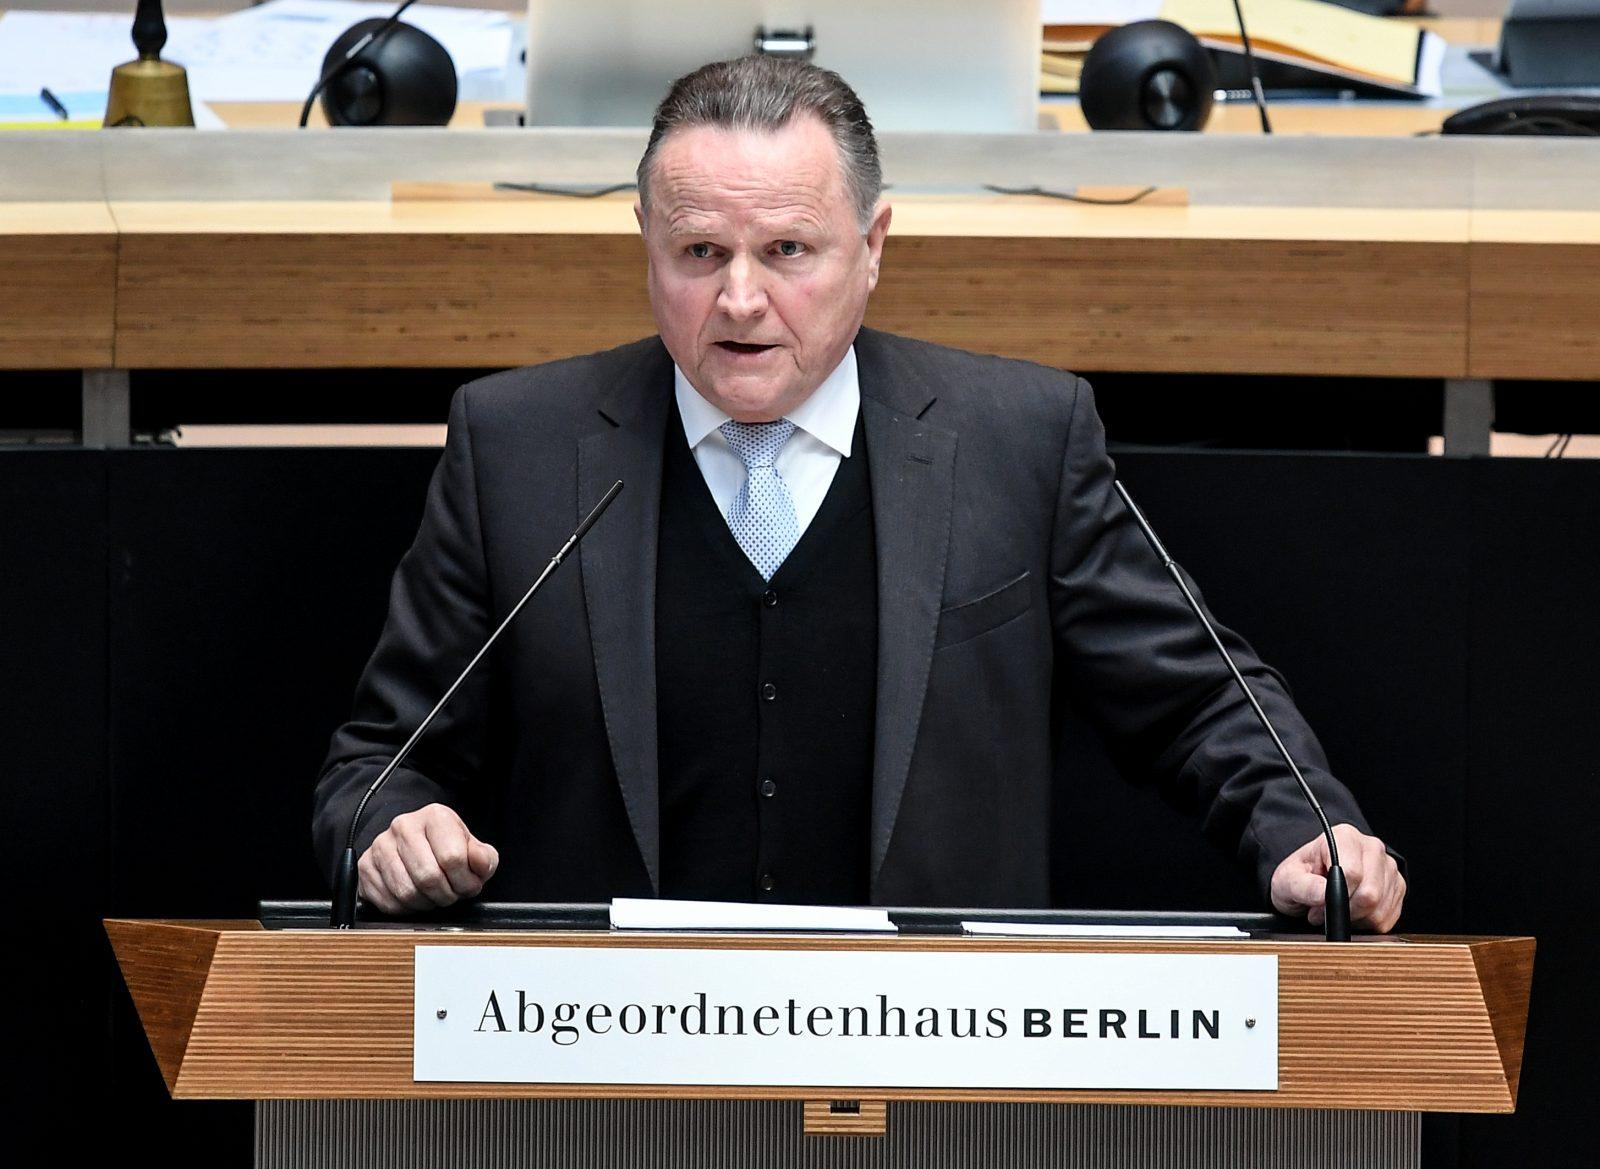 Der Vorsitzende der AfD-Fraktion im Berliner Abgeordnetenhaus, Georg Pazderski, plädiert für eine Stärkung der Bundeswehr Foto: picture alliance/Britta Pedersen/dpa-Zentralbild/dpa